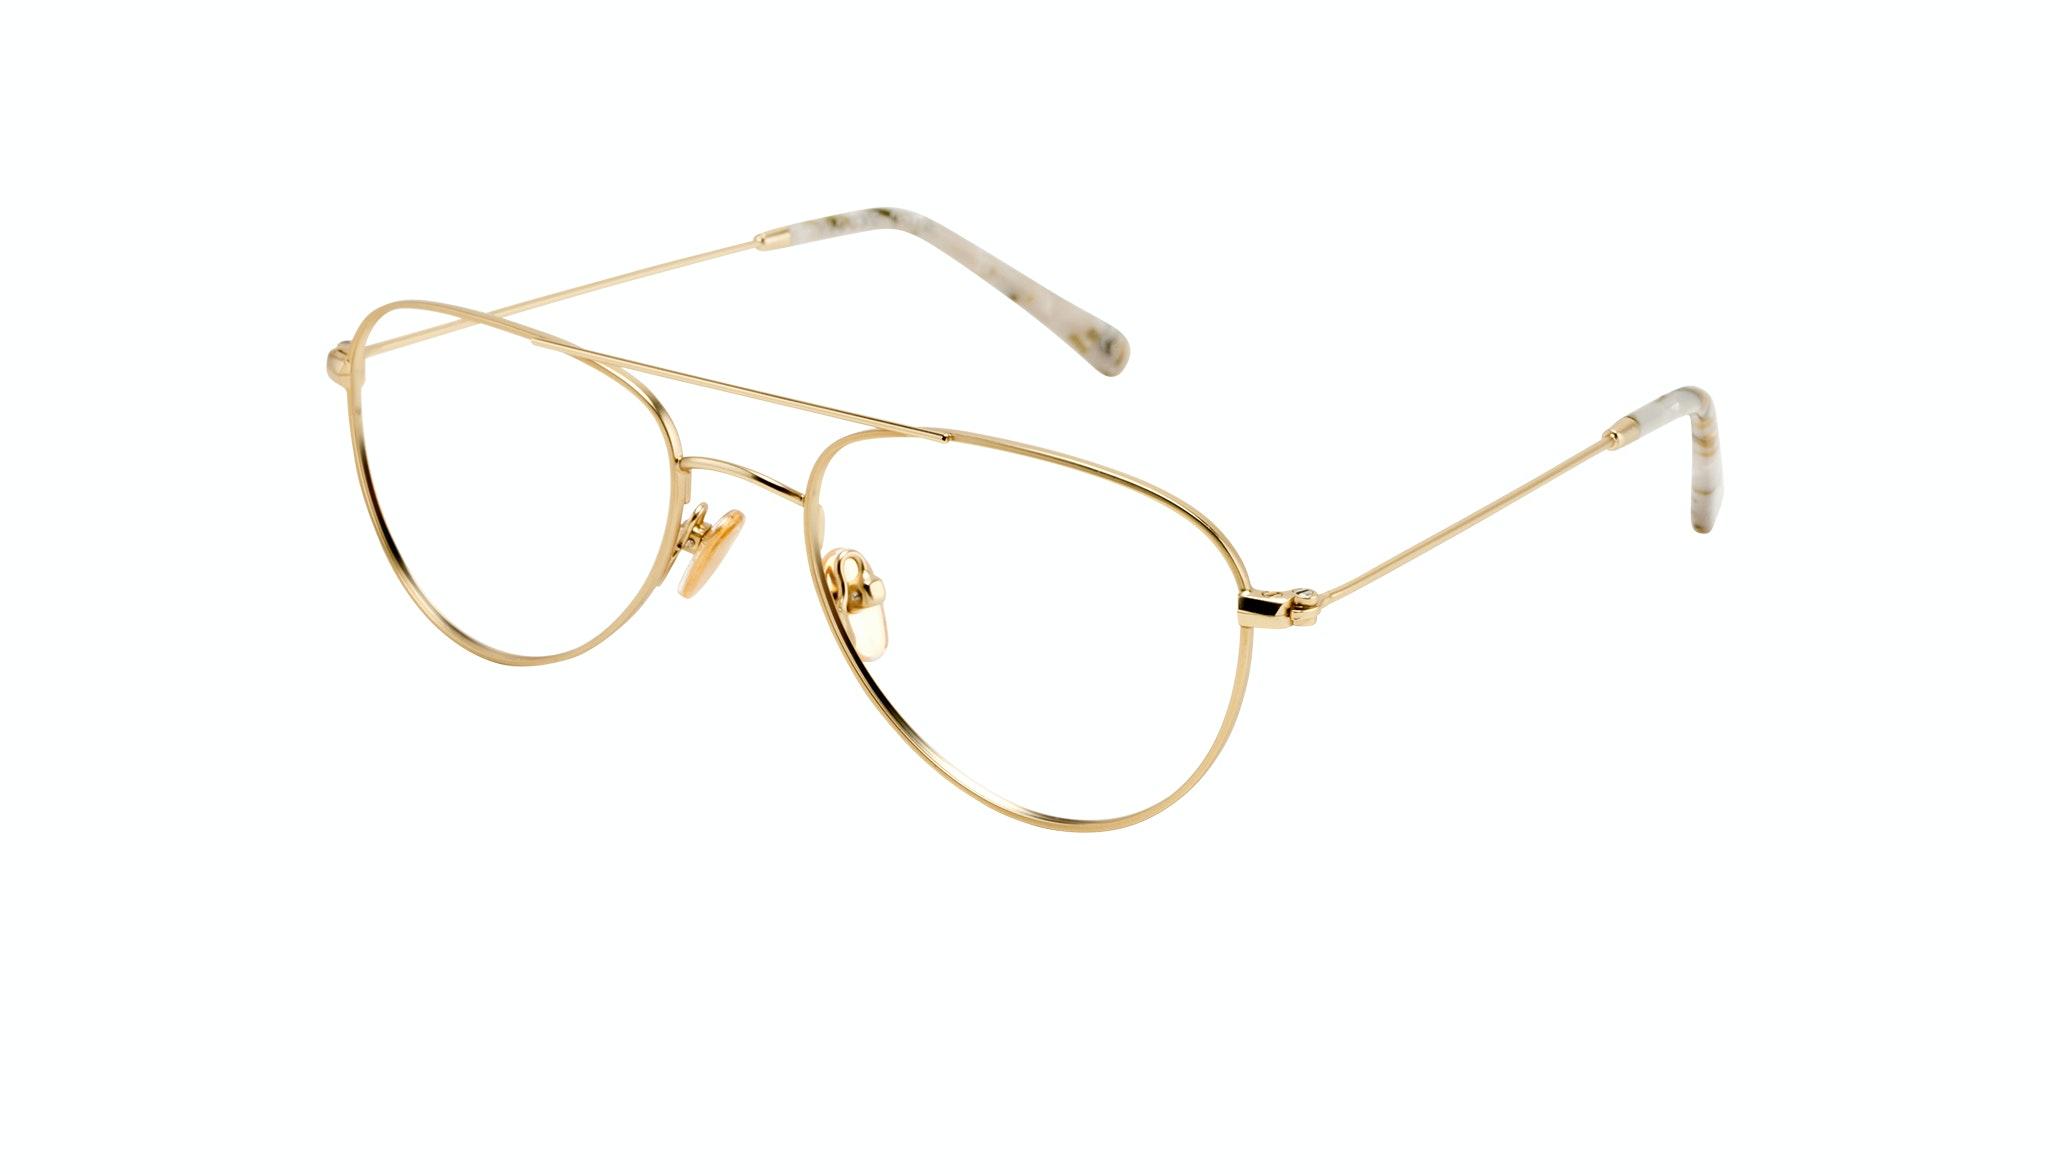 Affordable Fashion Glasses Aviator Eyeglasses Women Figure Gold Tilt